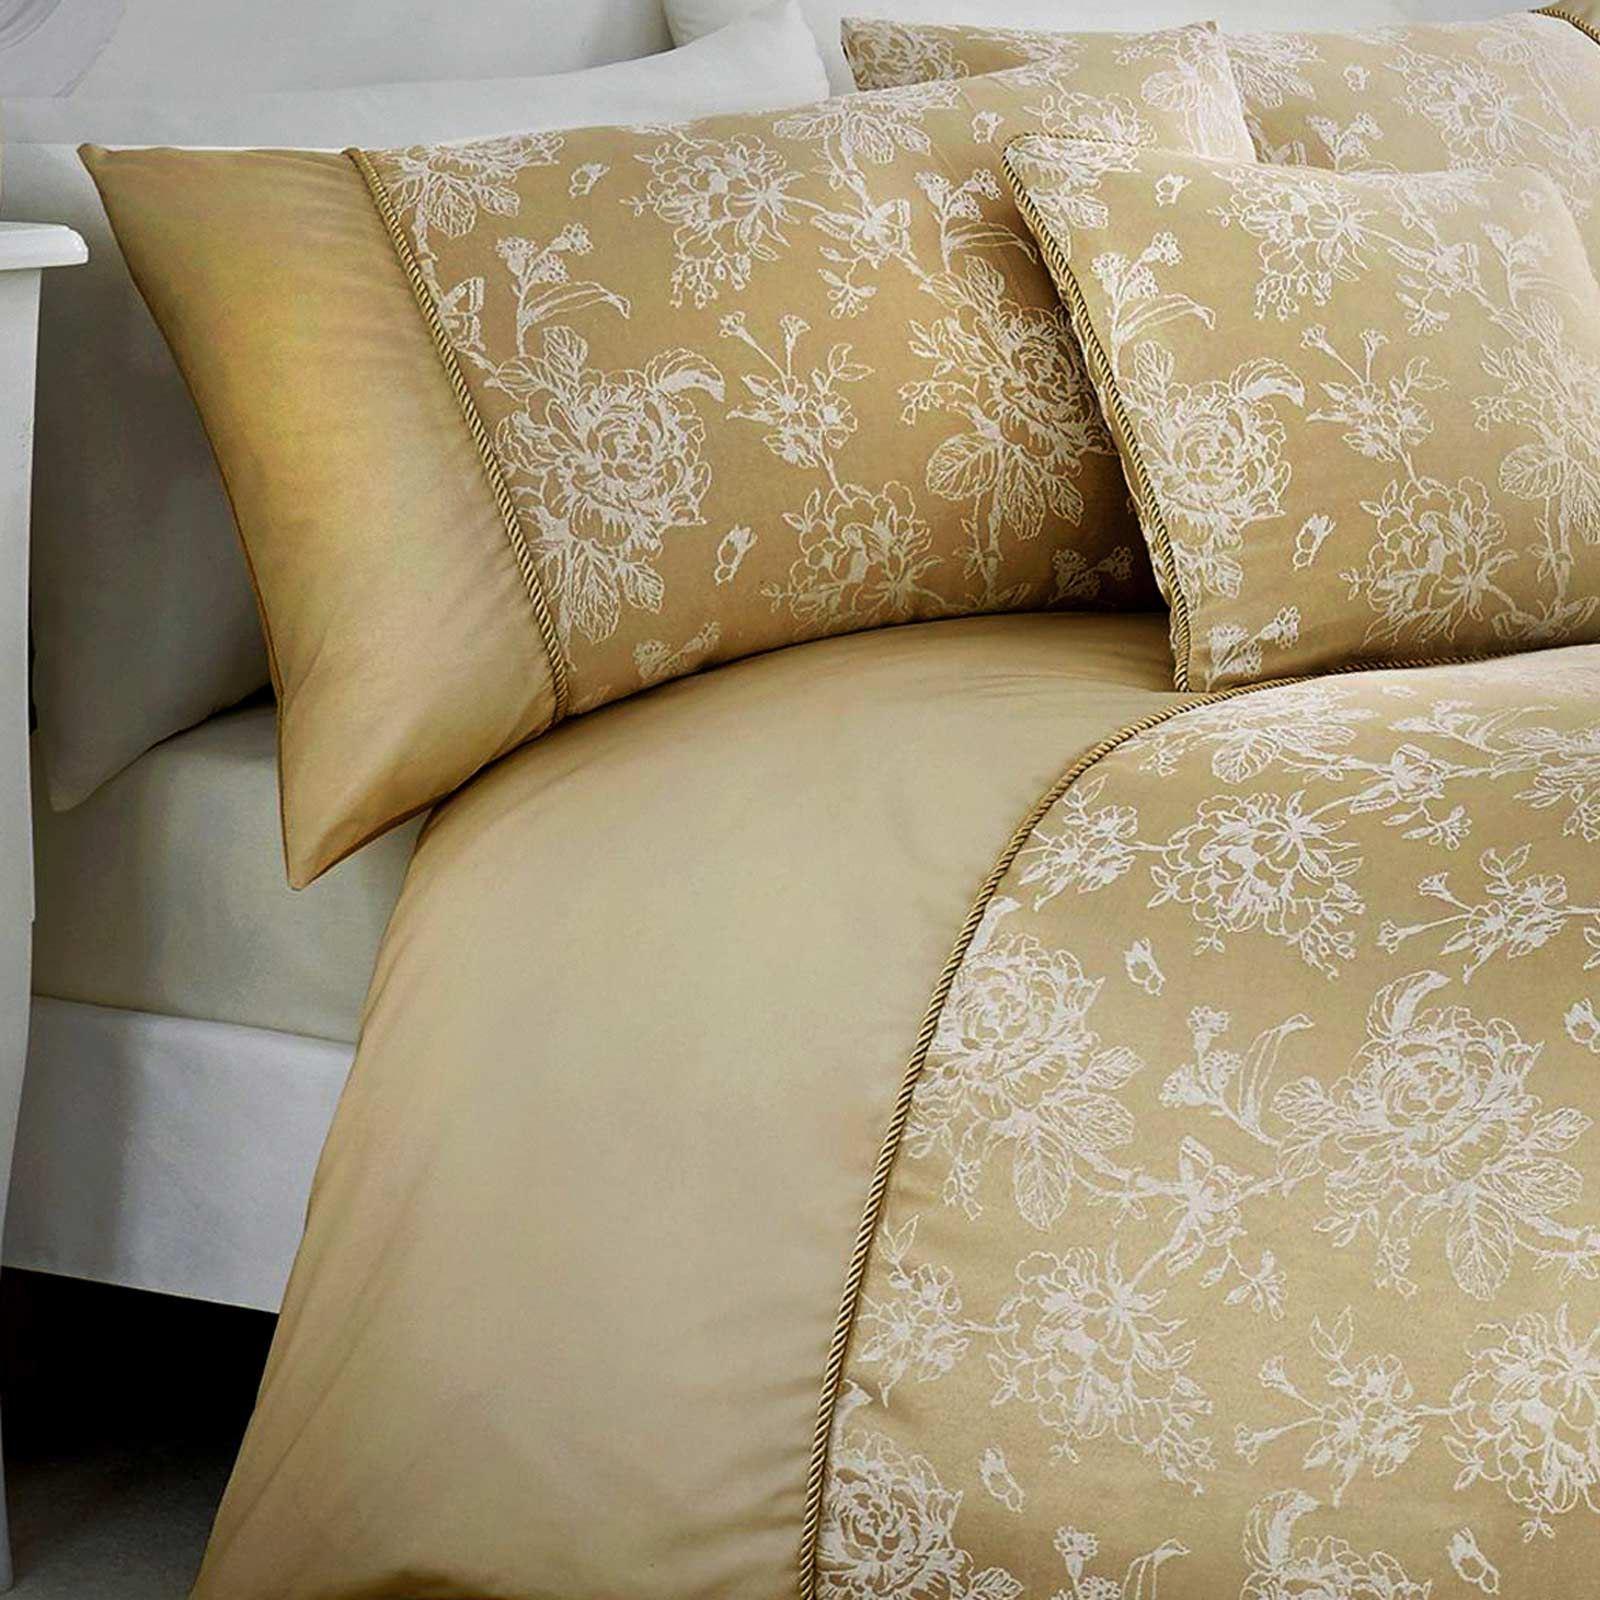 Oro-fundas-nordicas-Jasmine-floral-del-damasco-Edredon-Conjuntos-de-Lujo-Coleccion-de-ropa-de-cama miniatura 7